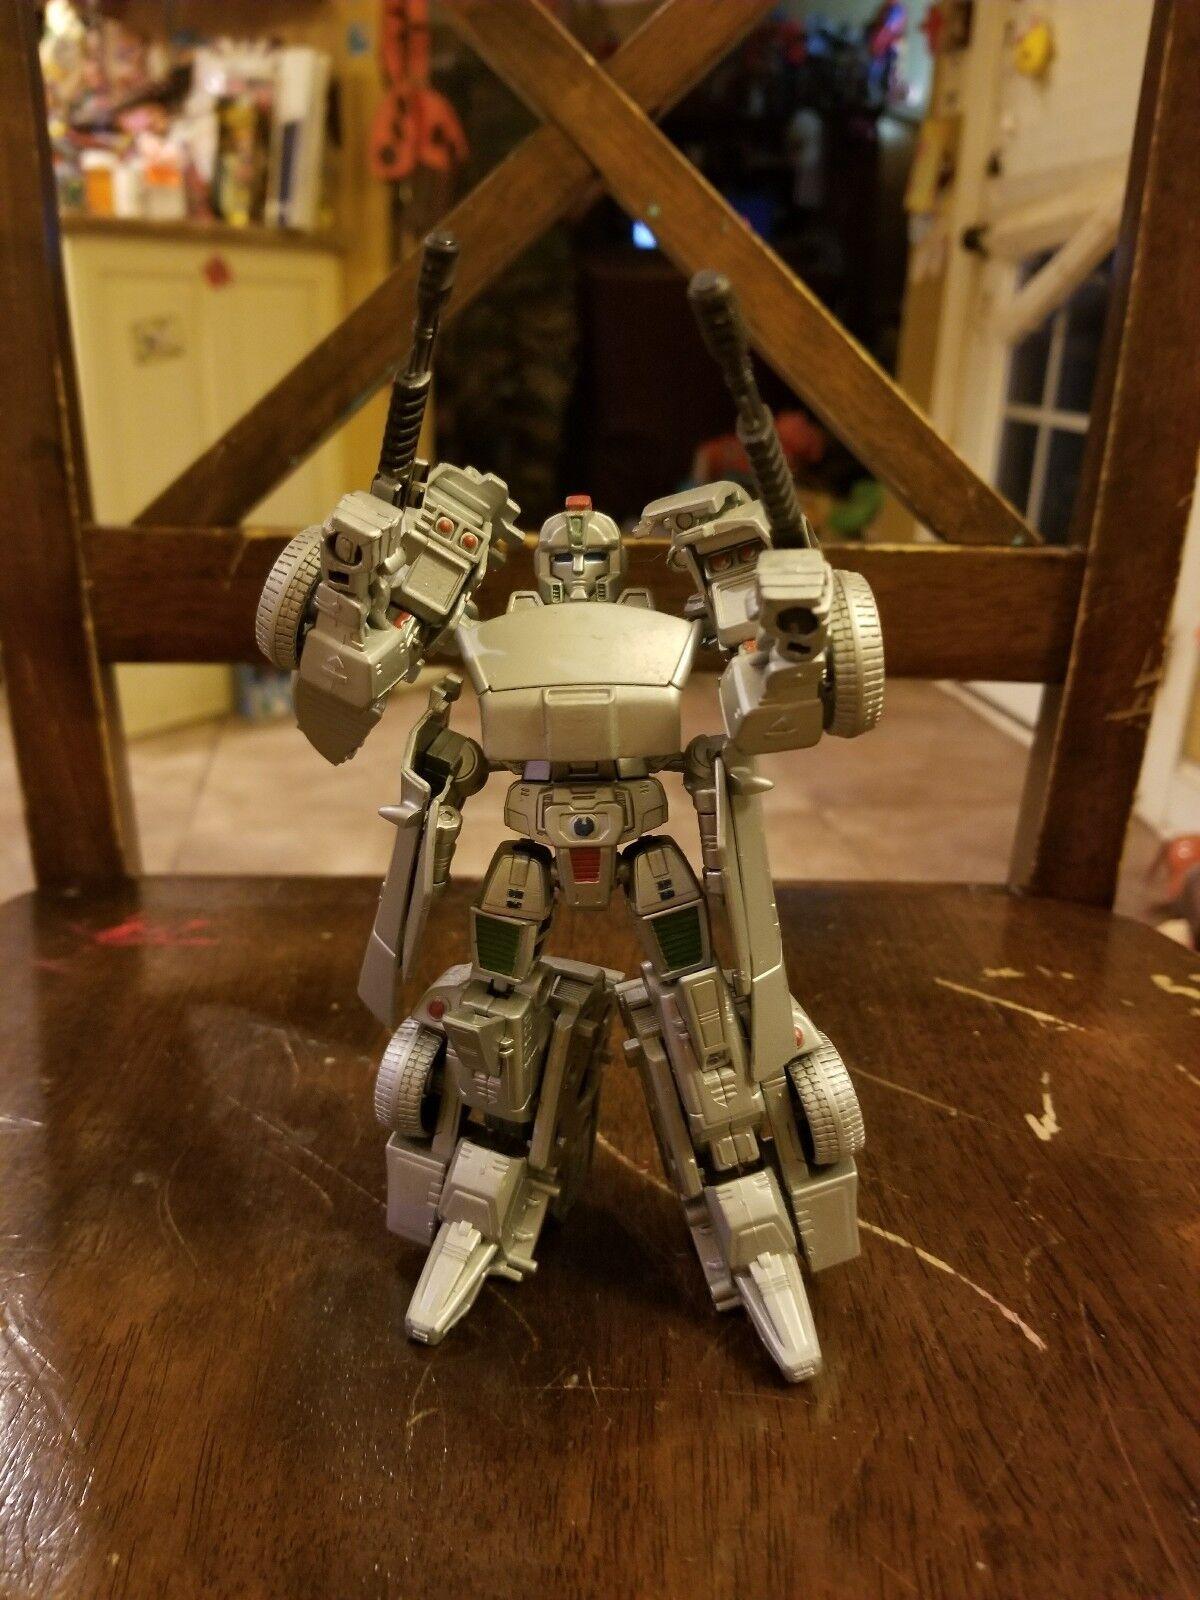 buscando agente de ventas Personalizado Transformers Transformers Transformers  Personalizado Pintado Plata Sideswipe  ahorra hasta un 70%